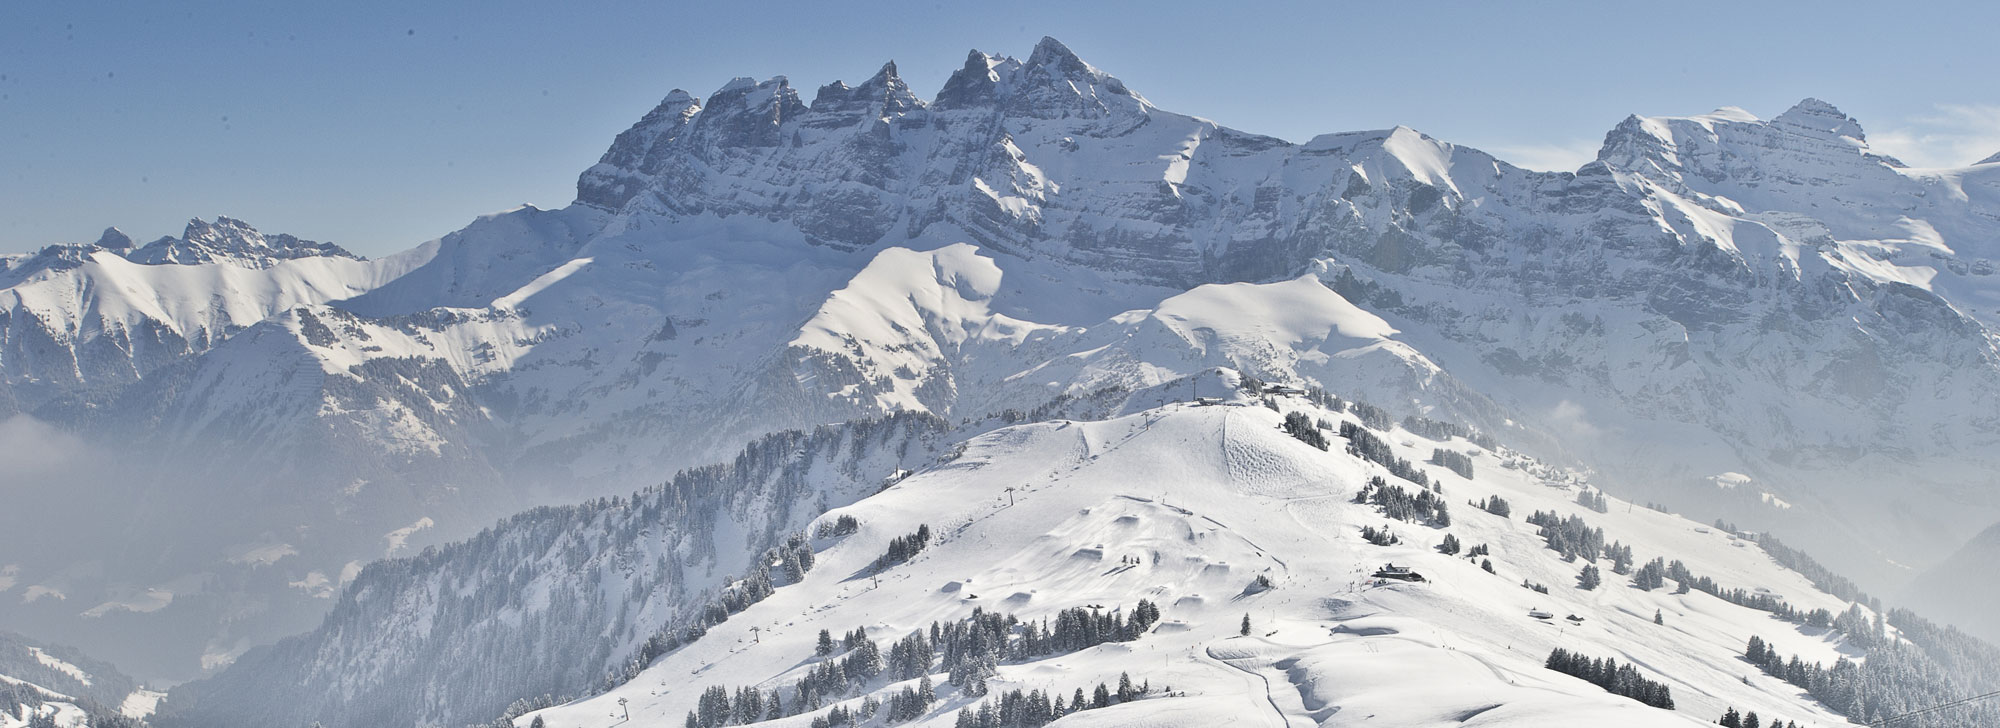 Partner Fur Skimiete Snowboardmiete In Champery Wallis Schweiz